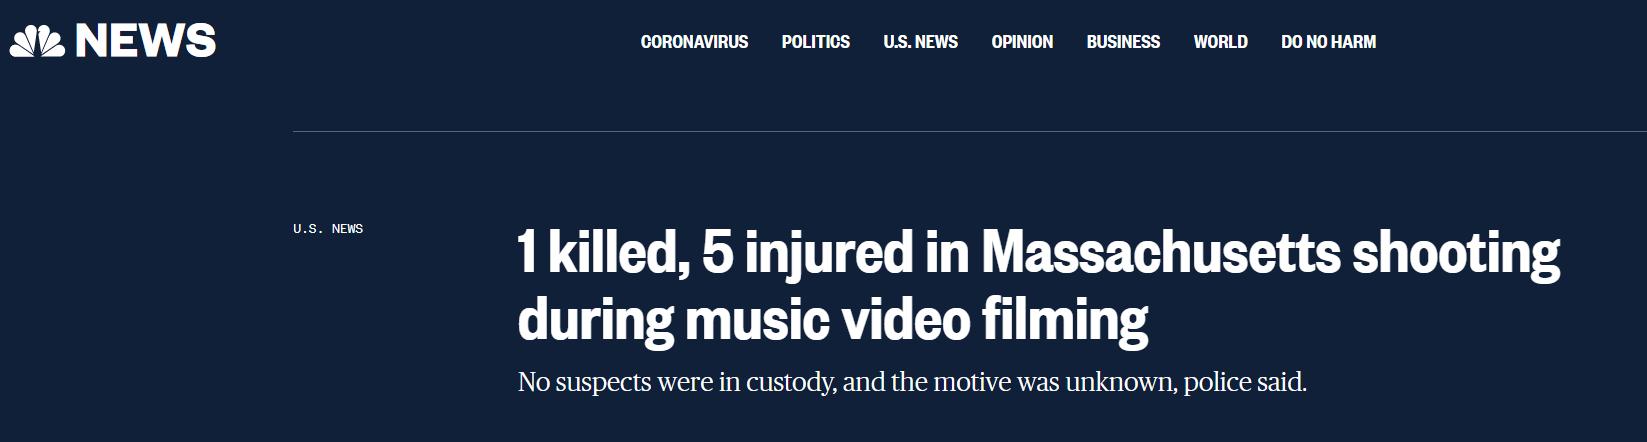 美国马萨诸塞州发生枪击事件,已致1人死亡5人受伤